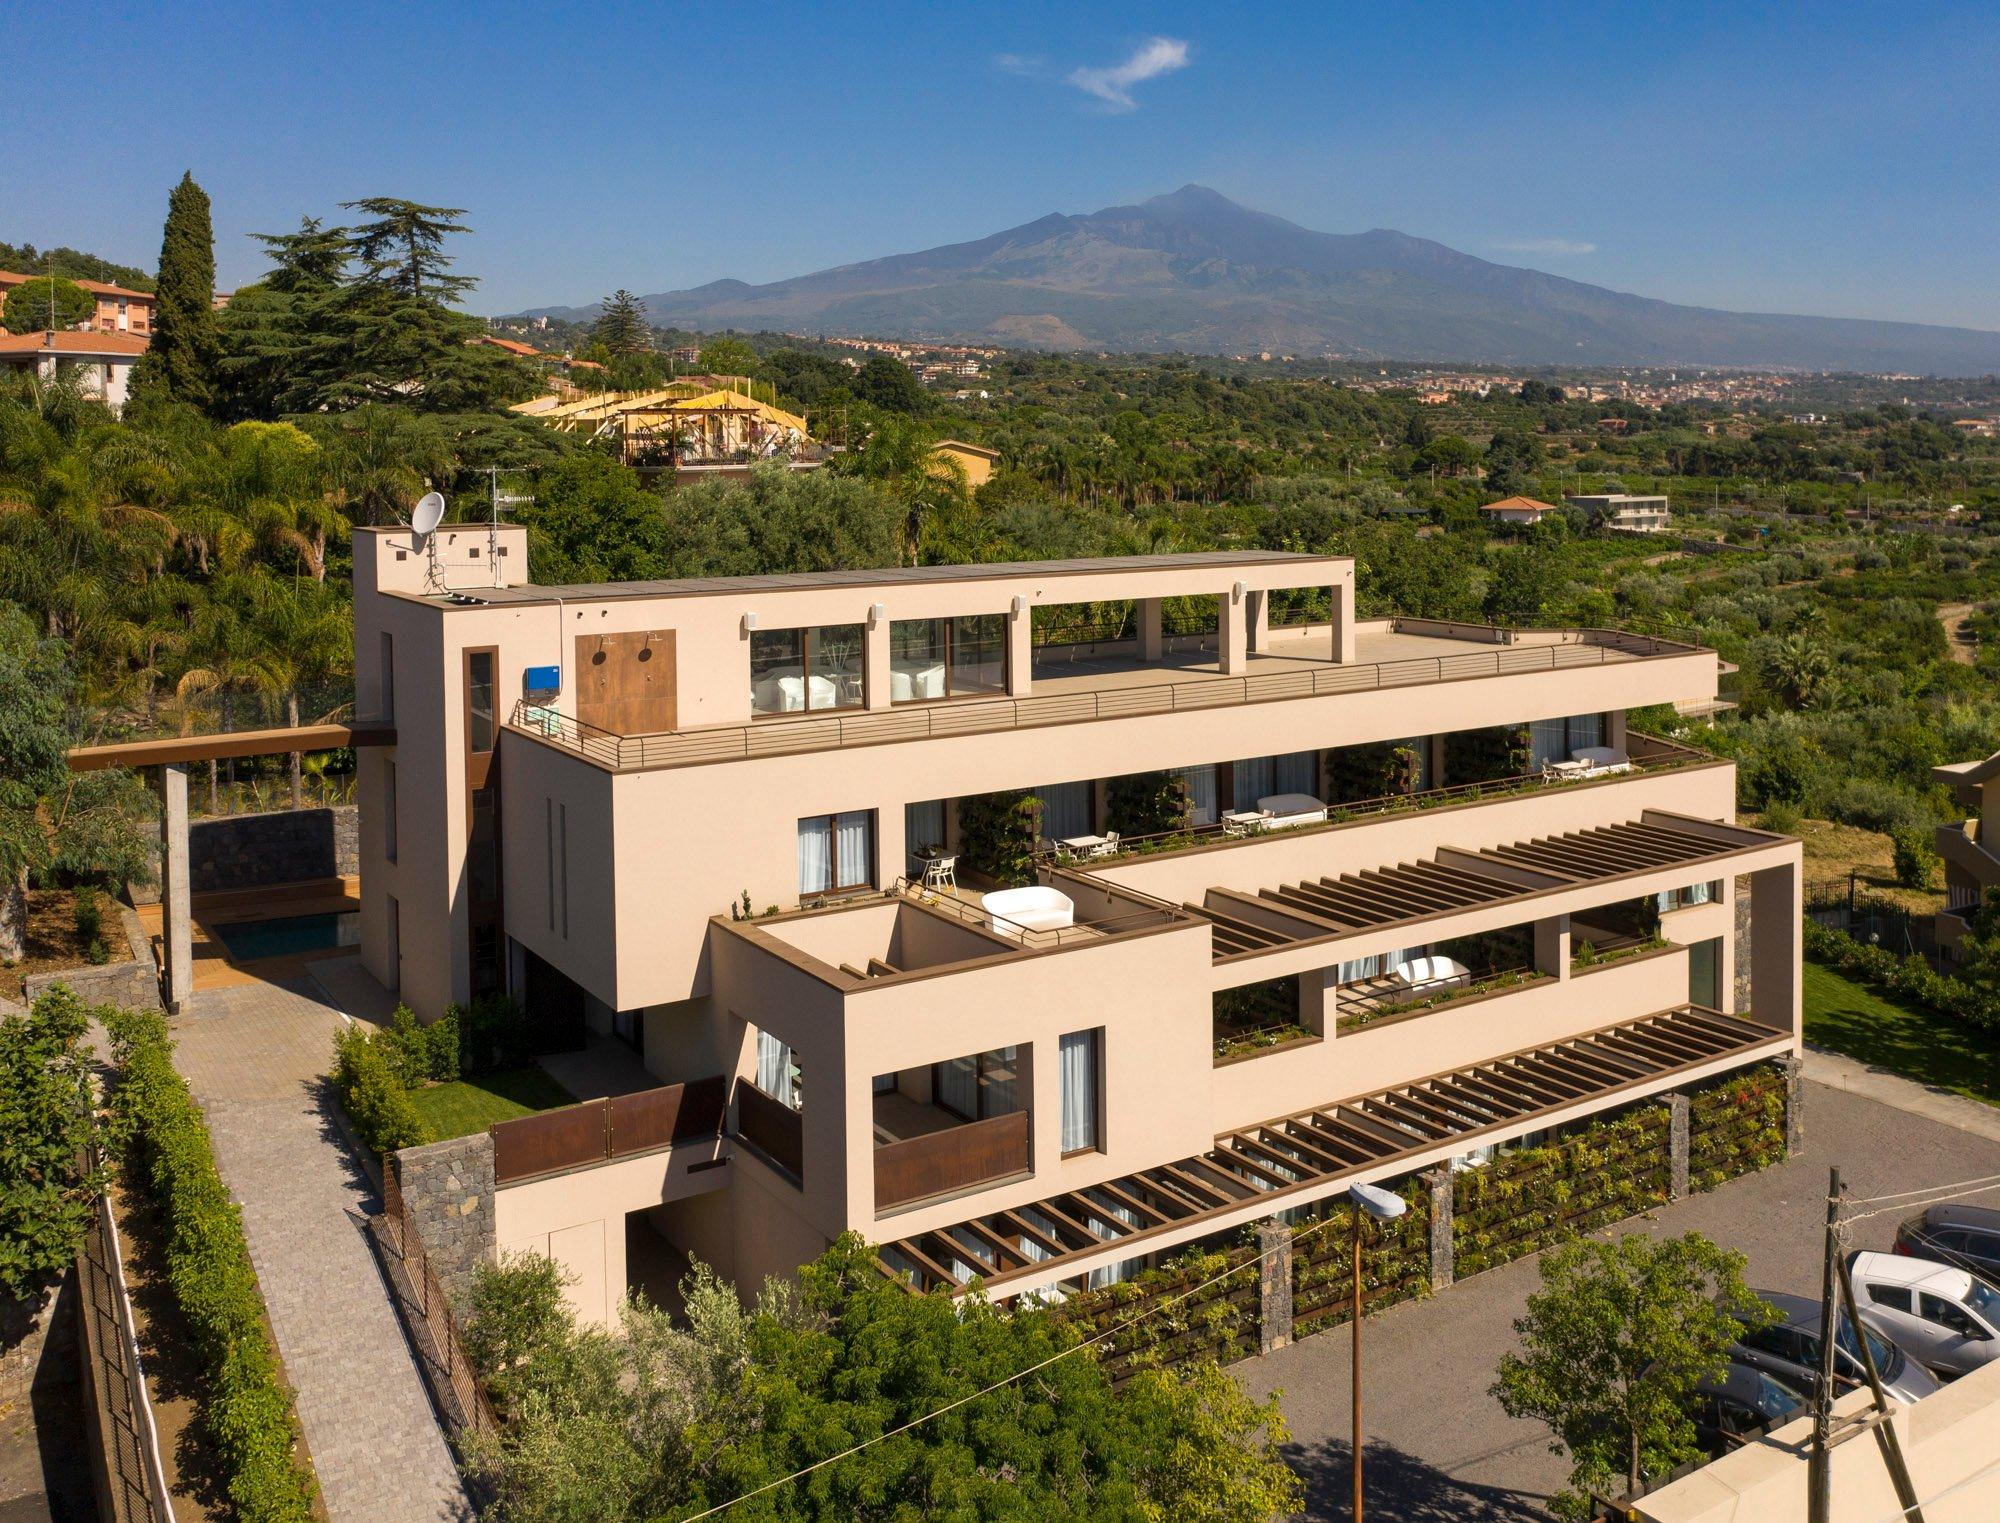 Hotel a Giarre, per un soggiorno con vista sull'Etna e sul mare